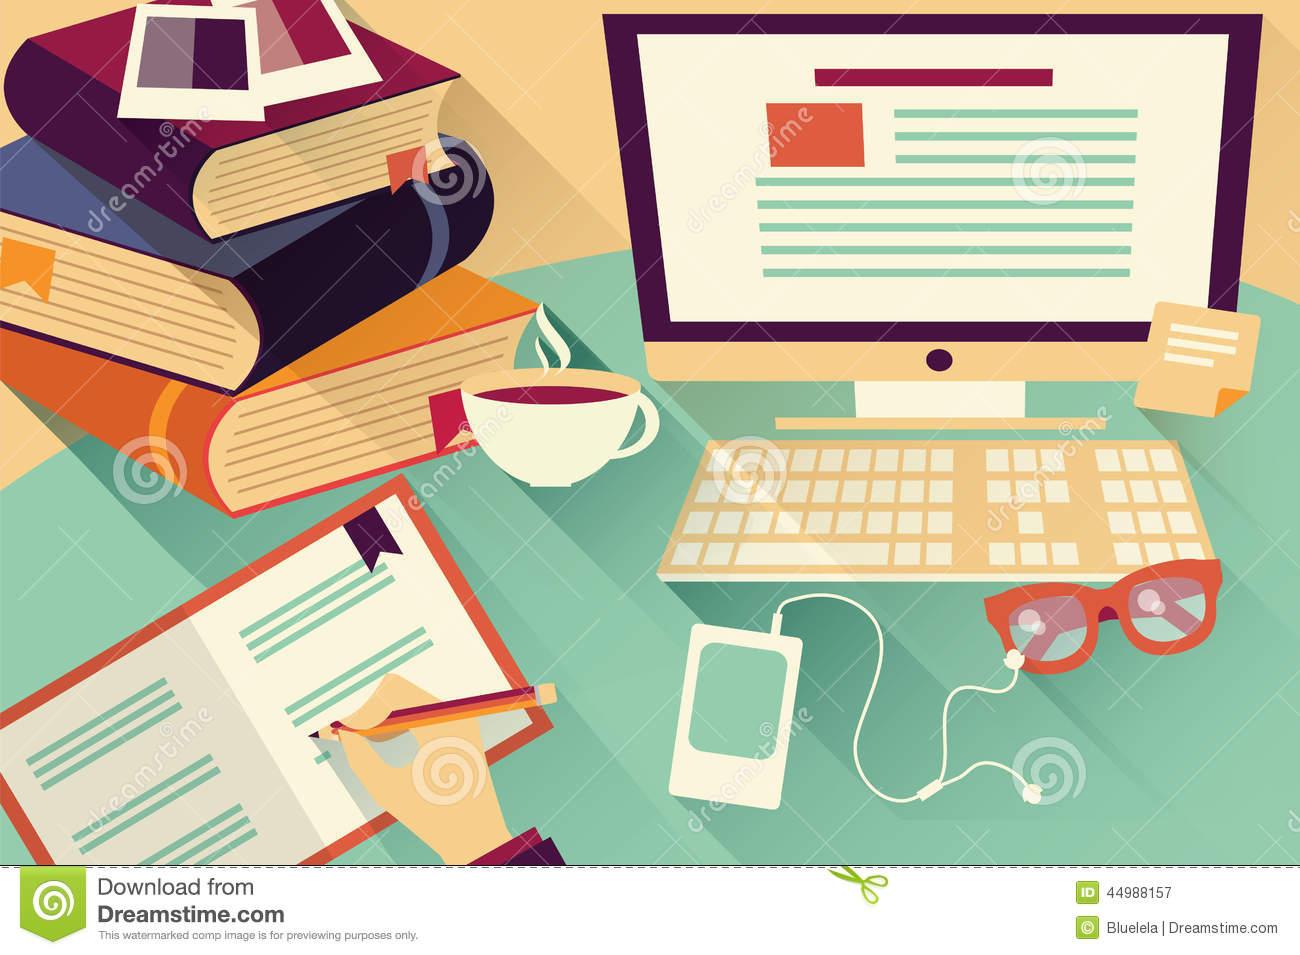 oggetti-piani-di-progettazione-scrittorio-del-lavoro-scrivania-libri-computer-44988157